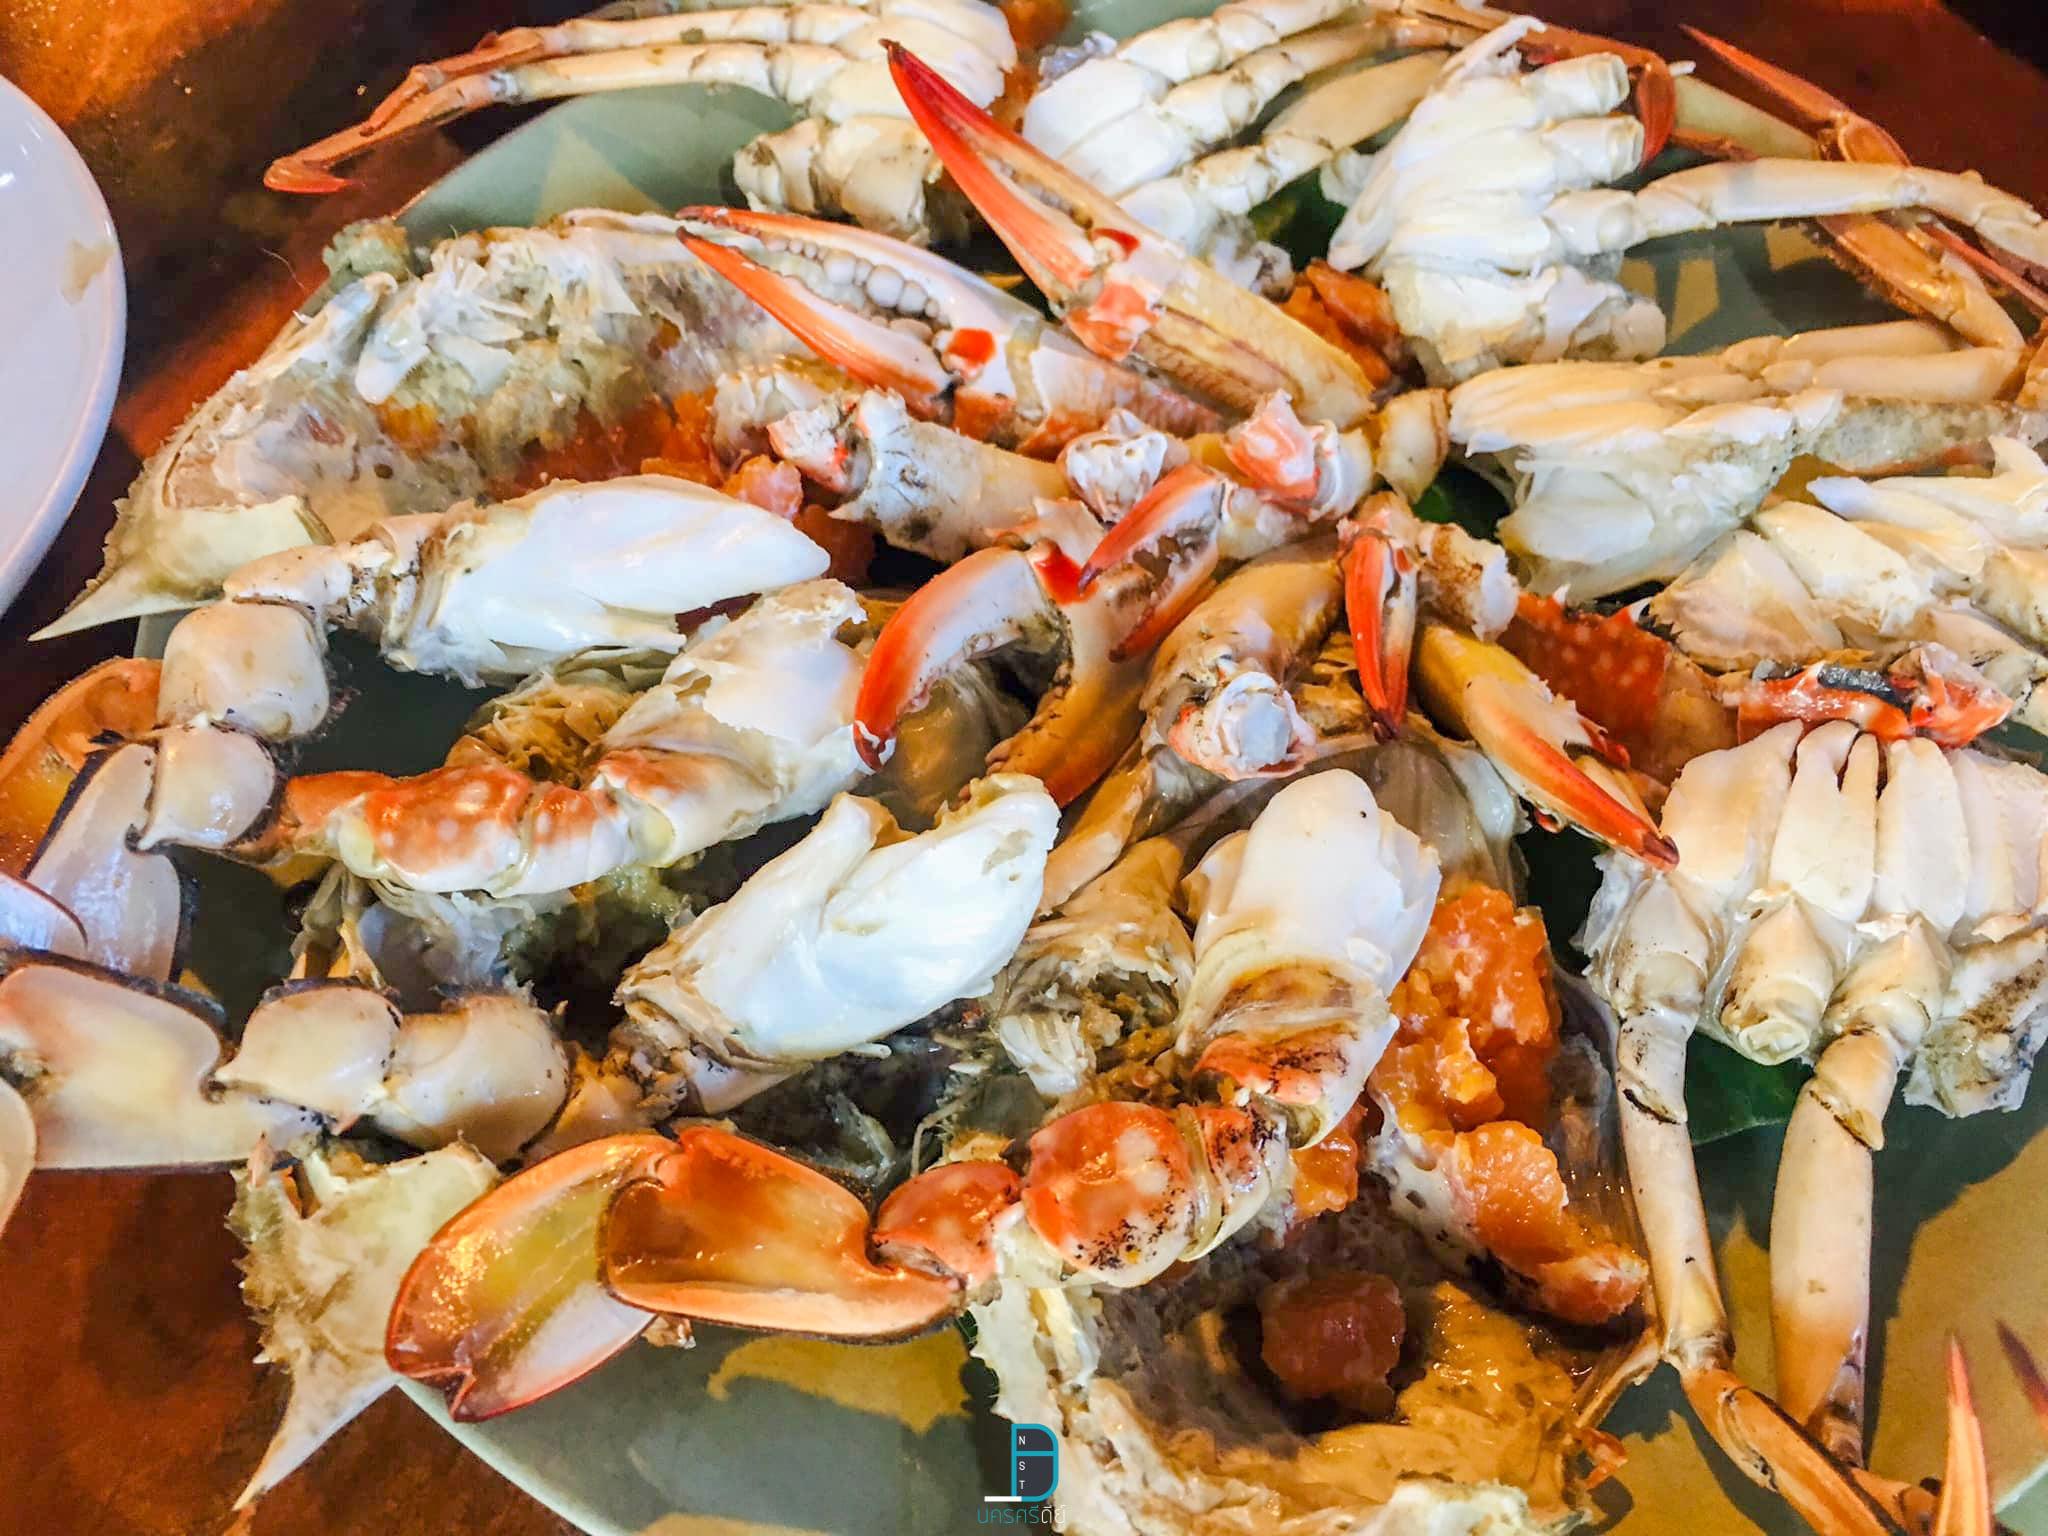 ริมคลอง,ซีฟู๊ด,อาหารทะเล,นครศรี,ของกิน,อร่อย